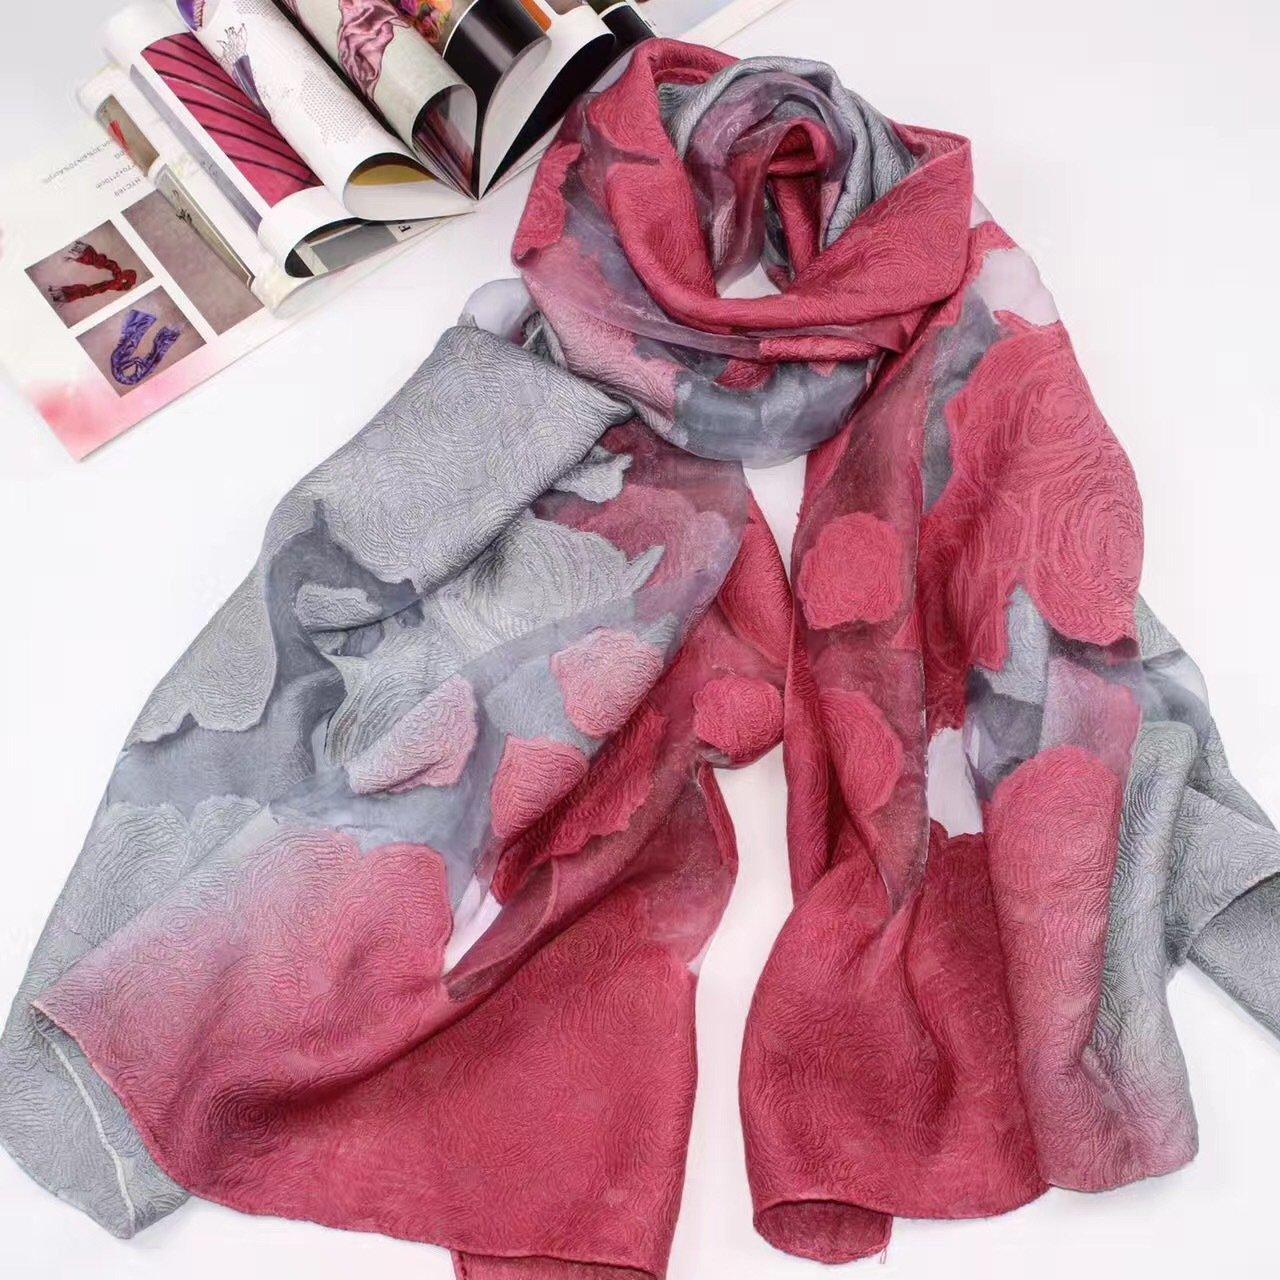 DIDIDD Bufanda-mujer bufanda de invierno gruesa bufanda de punto caliente bufanda larga chal de todo...